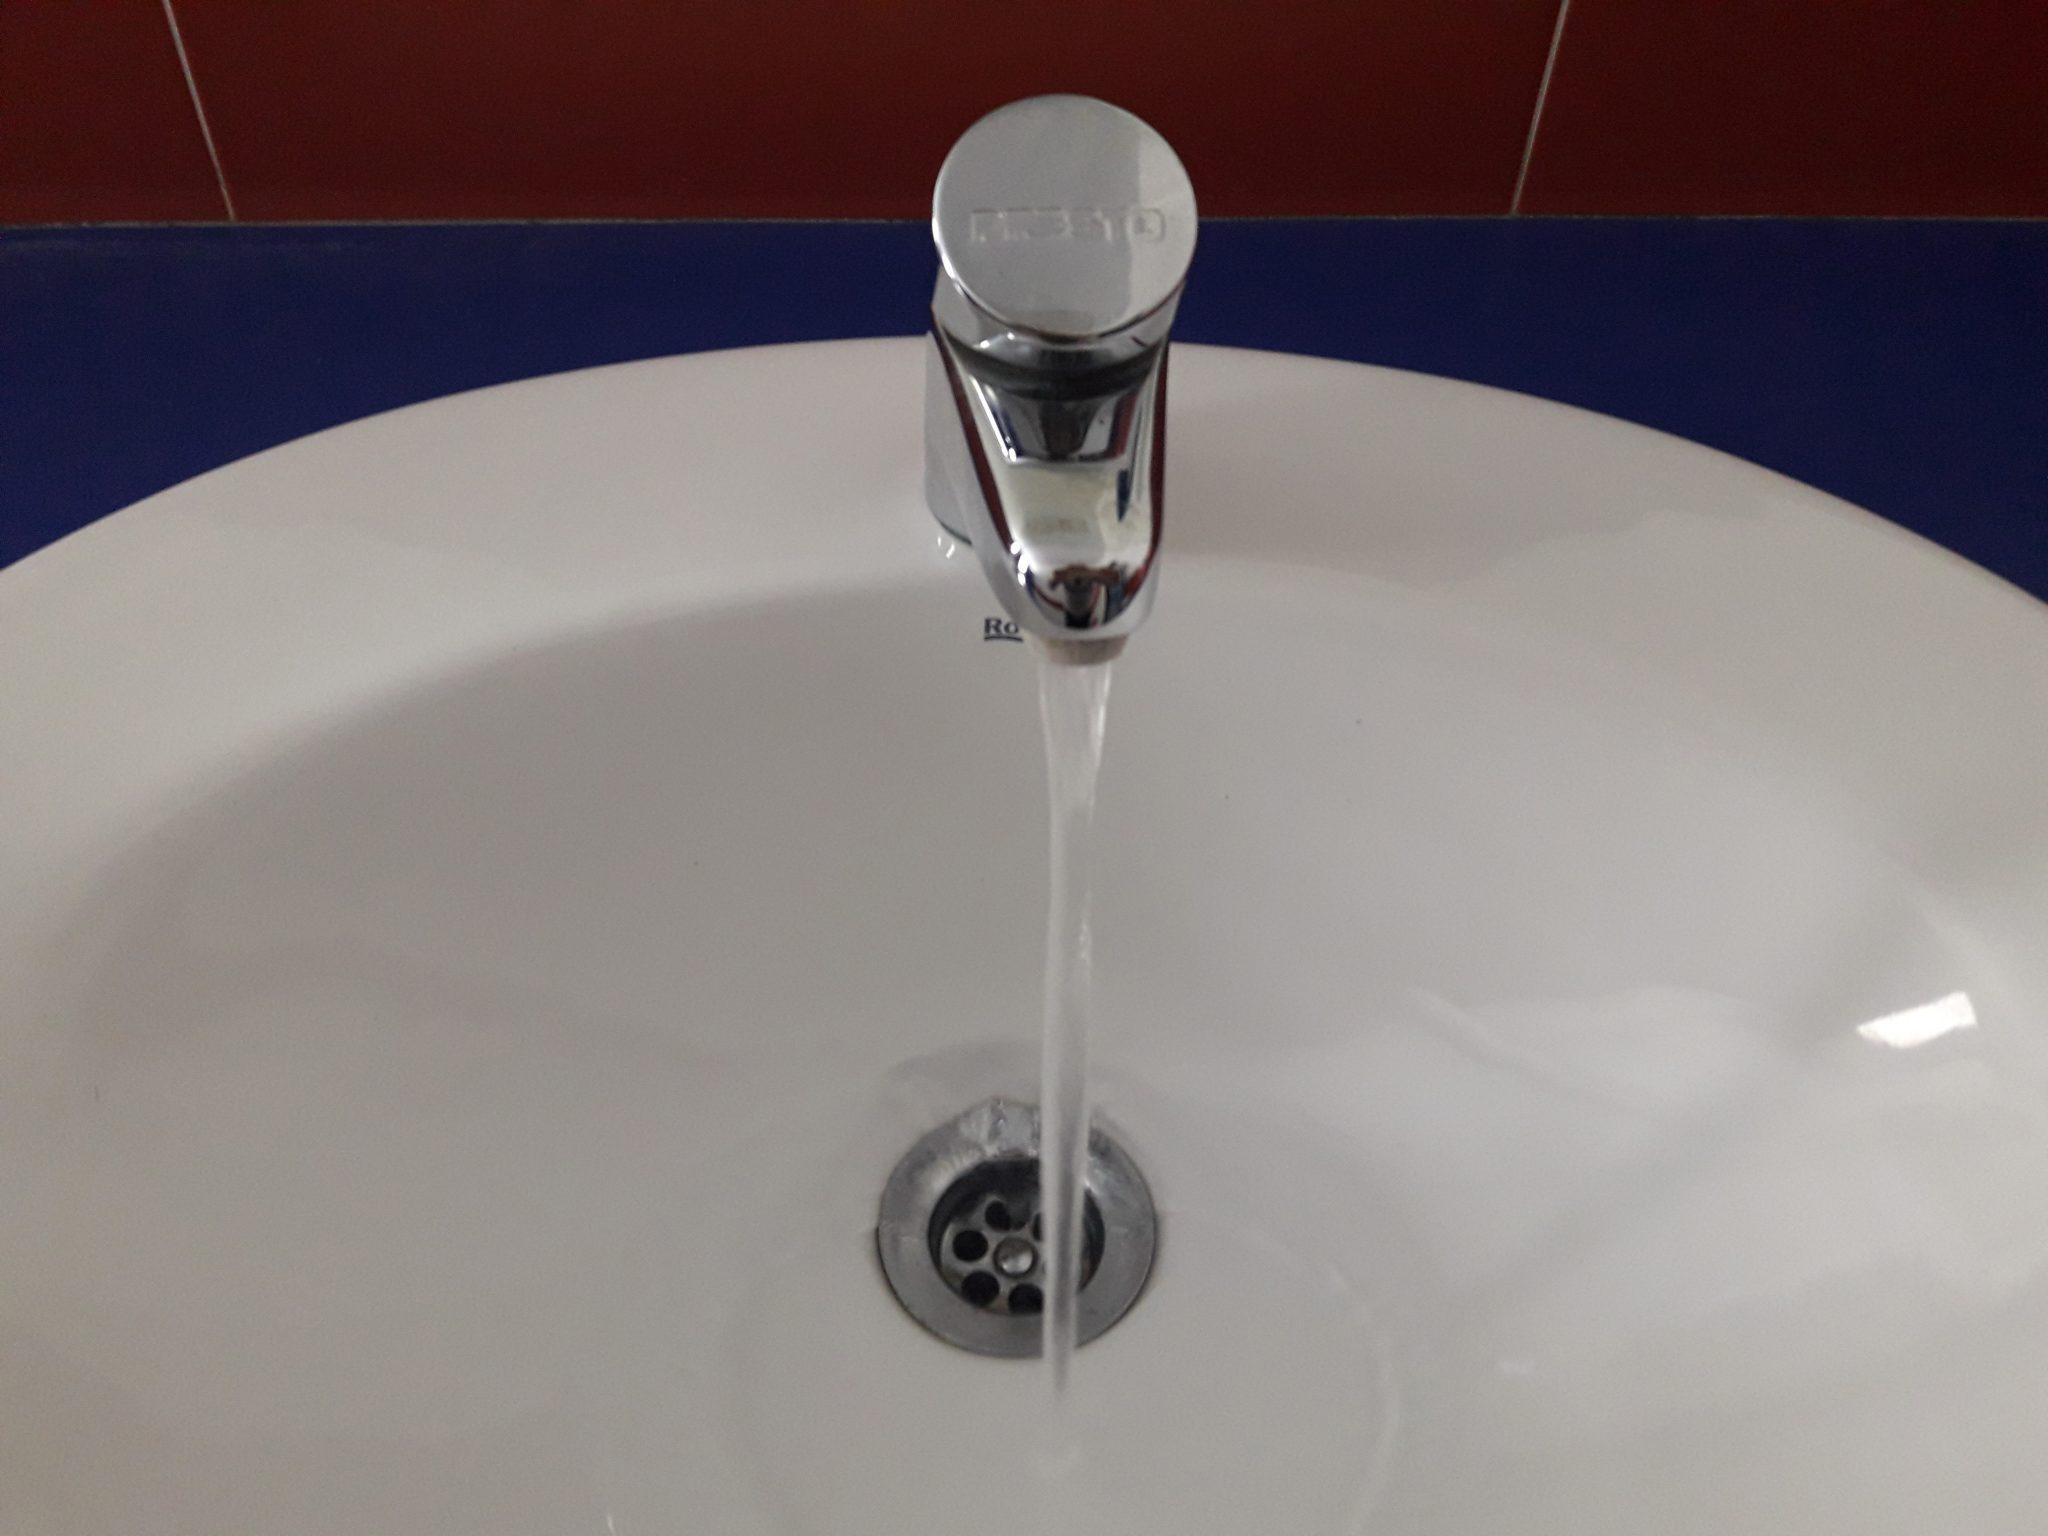 Queda prohibit el consum d'aigua per beure i preparar aliments a  Altea Hills i urbanització el Mascarat per elevats nivells de clorurs en l'aigua